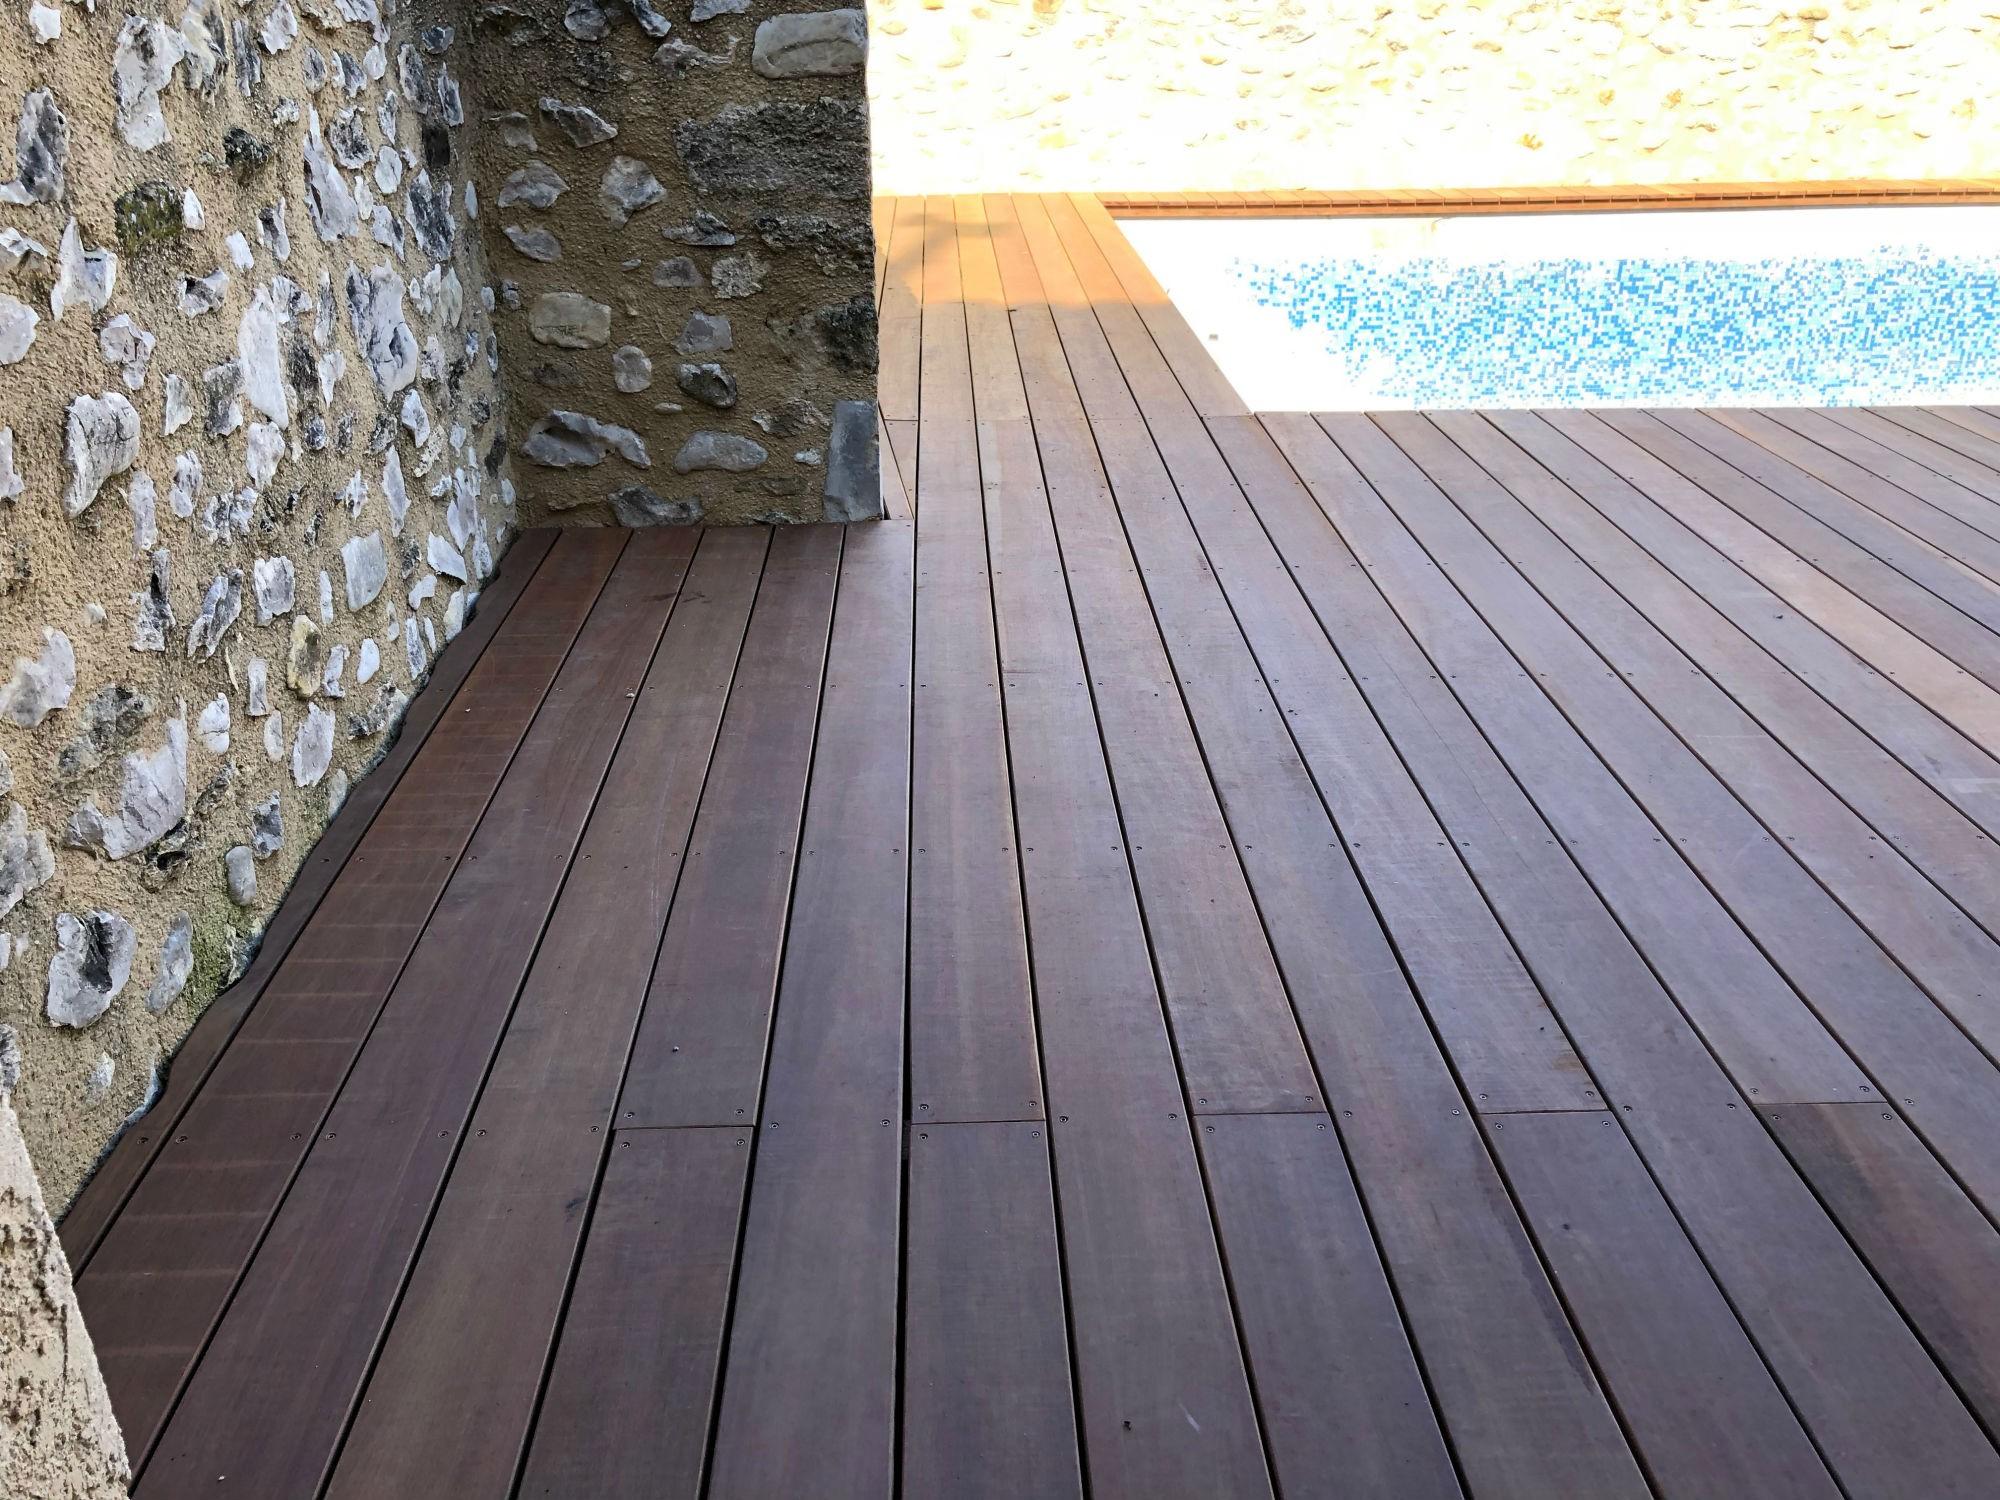 Renovation terrasse bois vaison la romaine am nagement - Amenagement piscine bois aixen provence ...